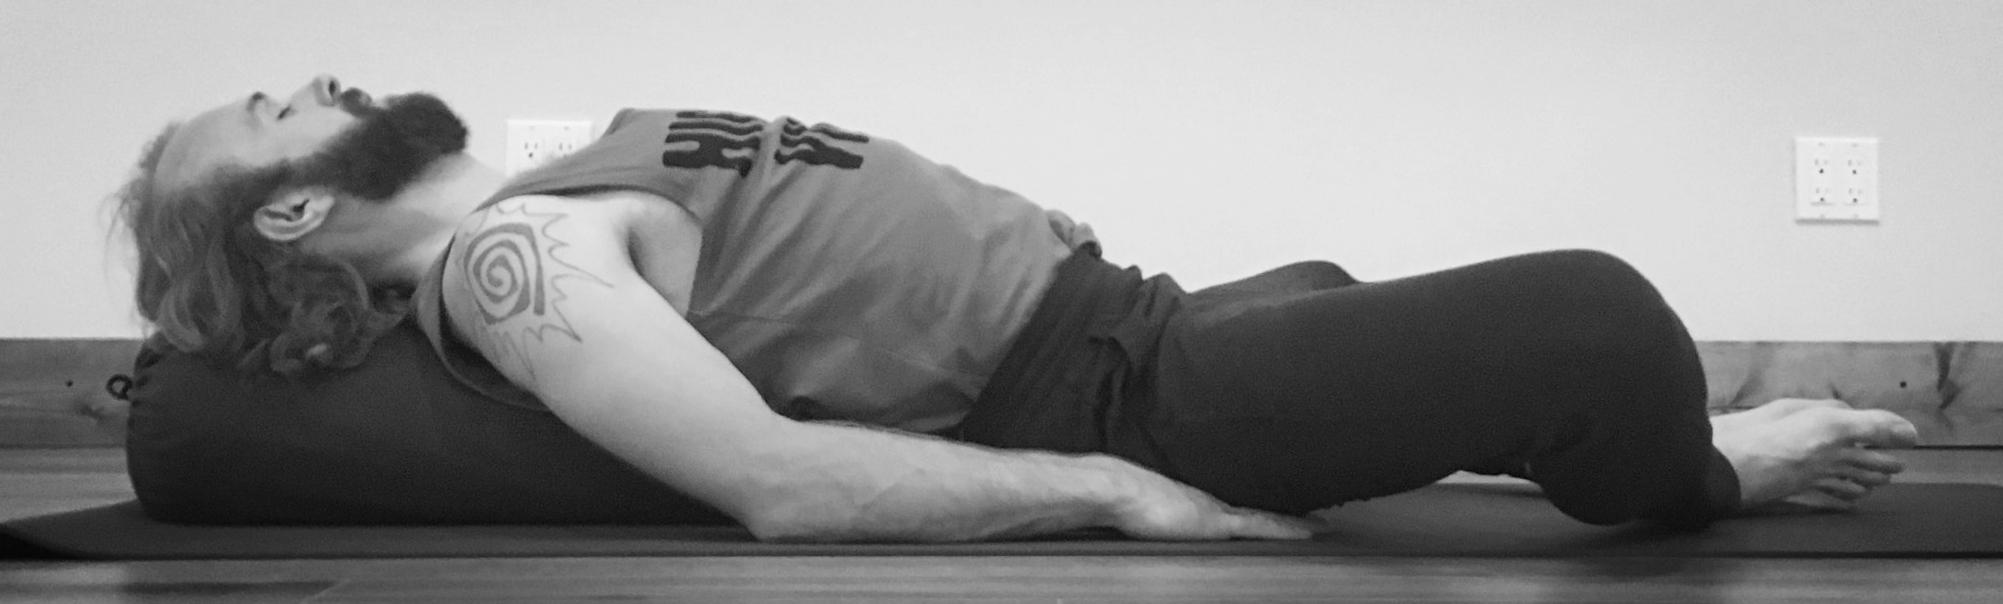 cornerstone_yoga_yin_still_meditation_fsj_bc_teacher_training_yxj_canada_vinyasa_supta_baddhakonasana.JPG